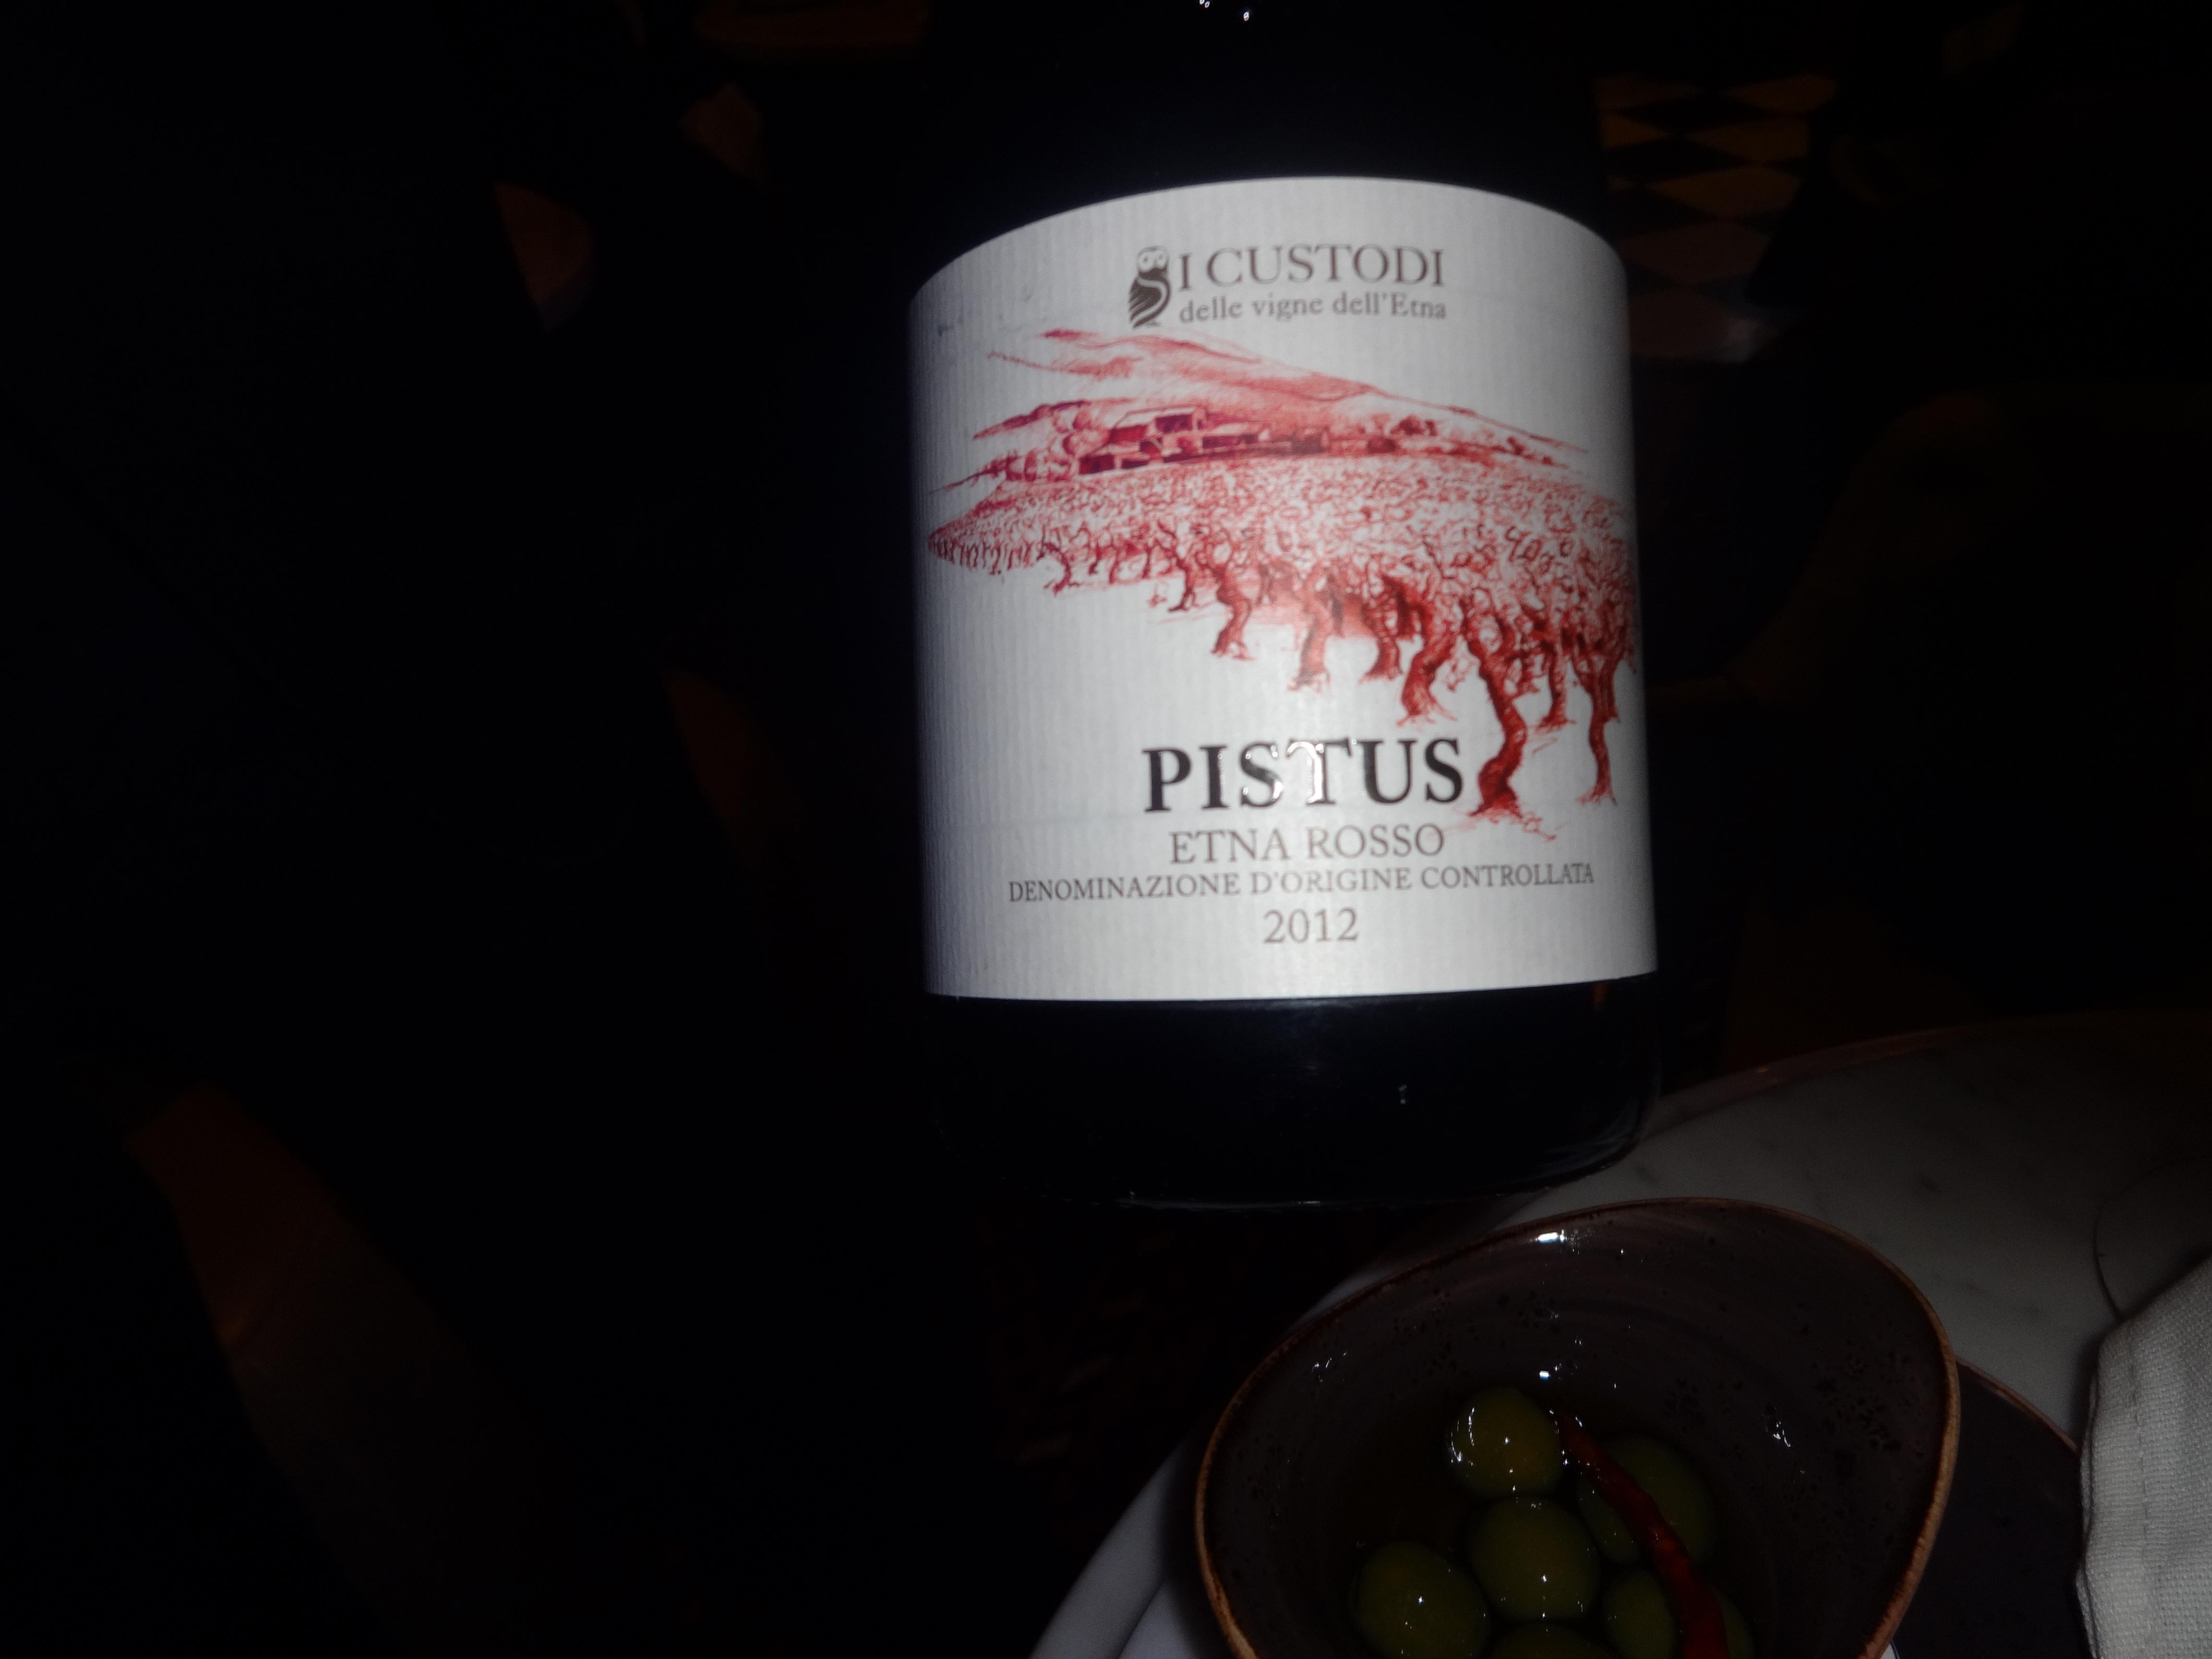 Barchetta red wine